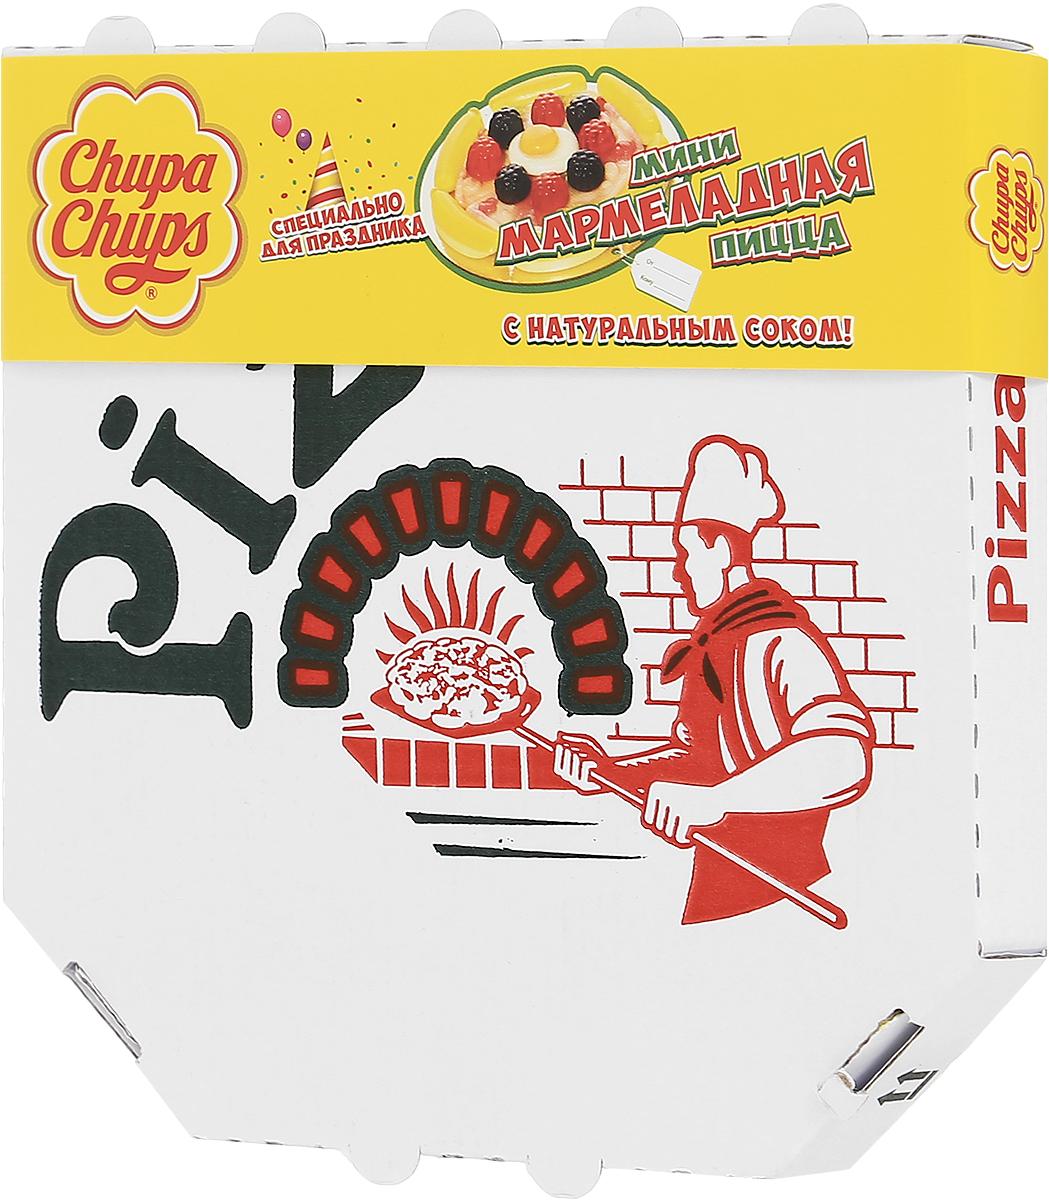 Chupa Chups Мармеладная пицца мини жевательный мармелад, 85 г8253201Необыкновенно аппетитная форма лакомства вызовет искренний интерес на детском празднике, а насыщенный фруктовый вкус поднимет настроение даже в самую угрюмую погоду